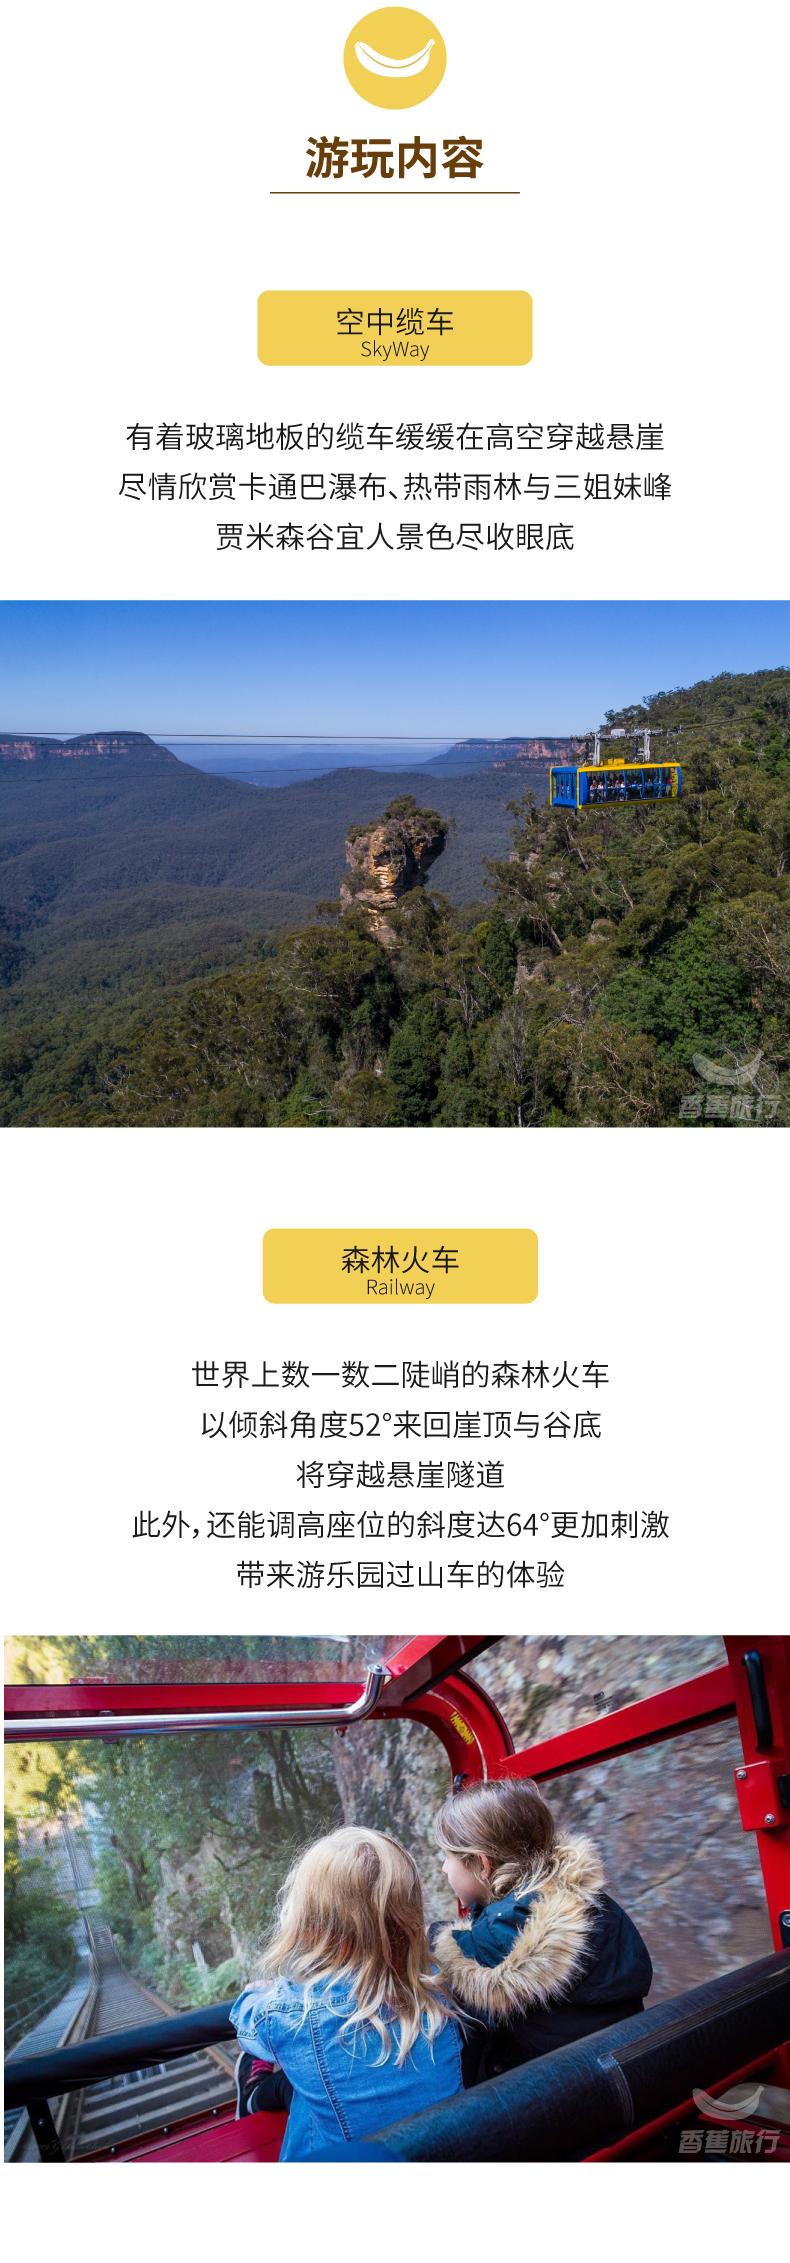 蓝山景观世界缆车套票B-02